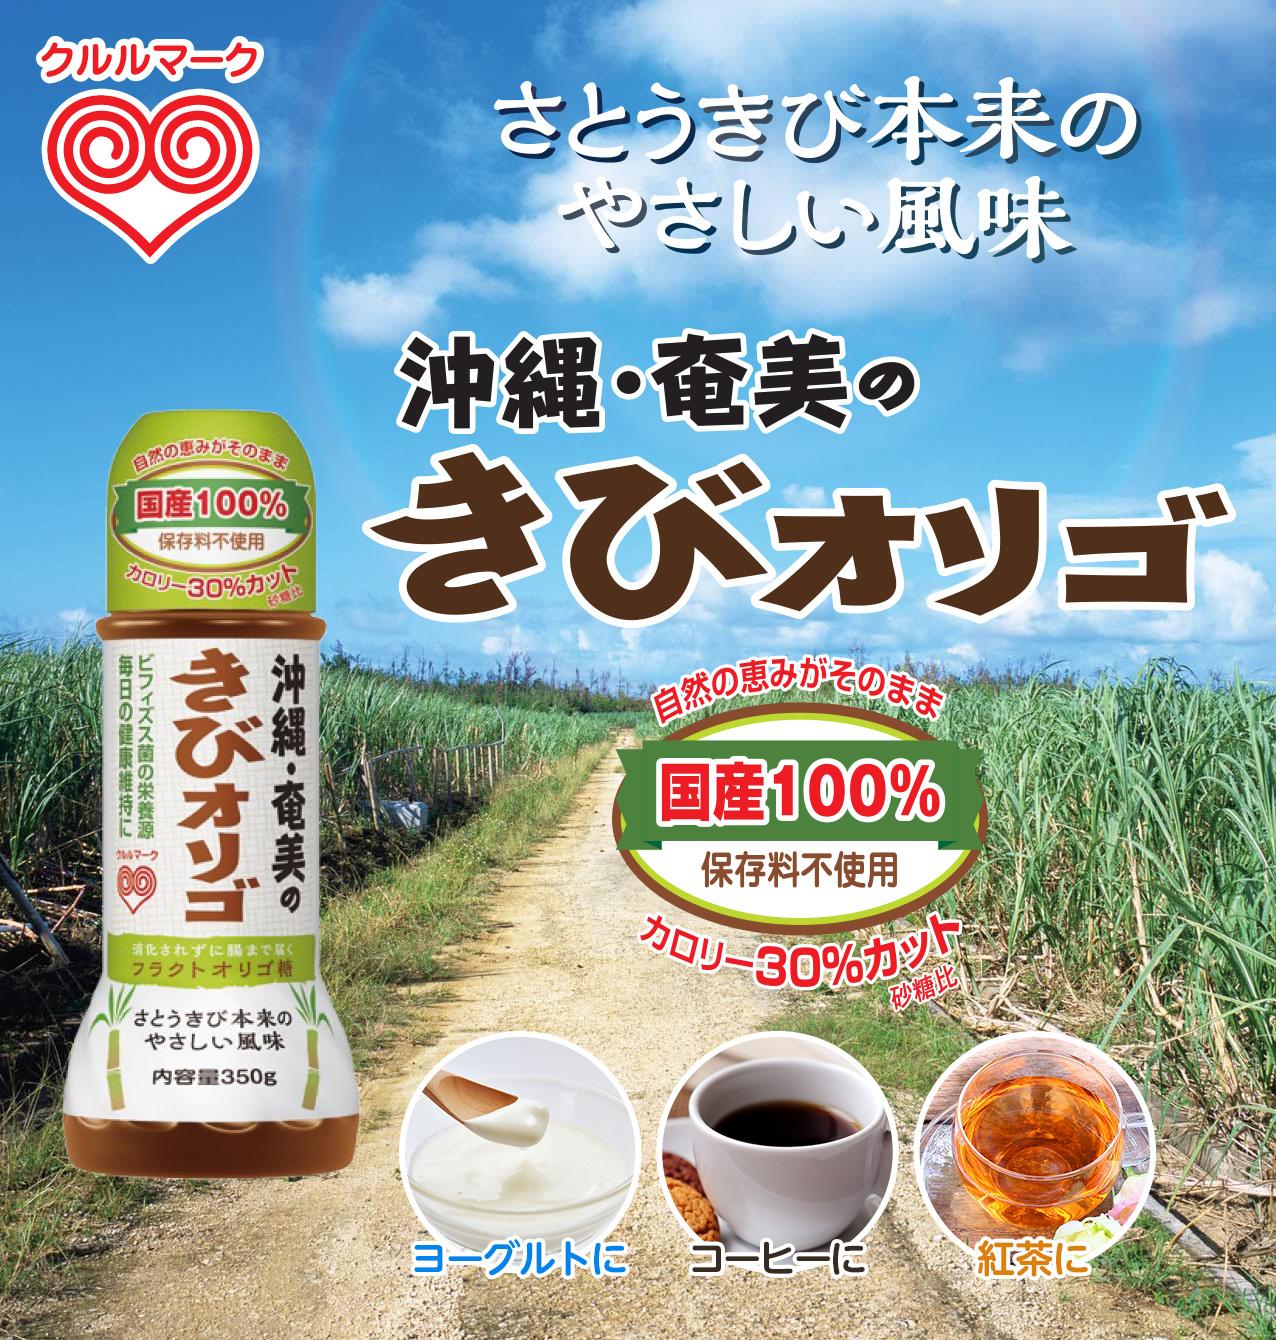 さとうきび本来のやさしい風味 沖縄・奄美のきびオリゴ